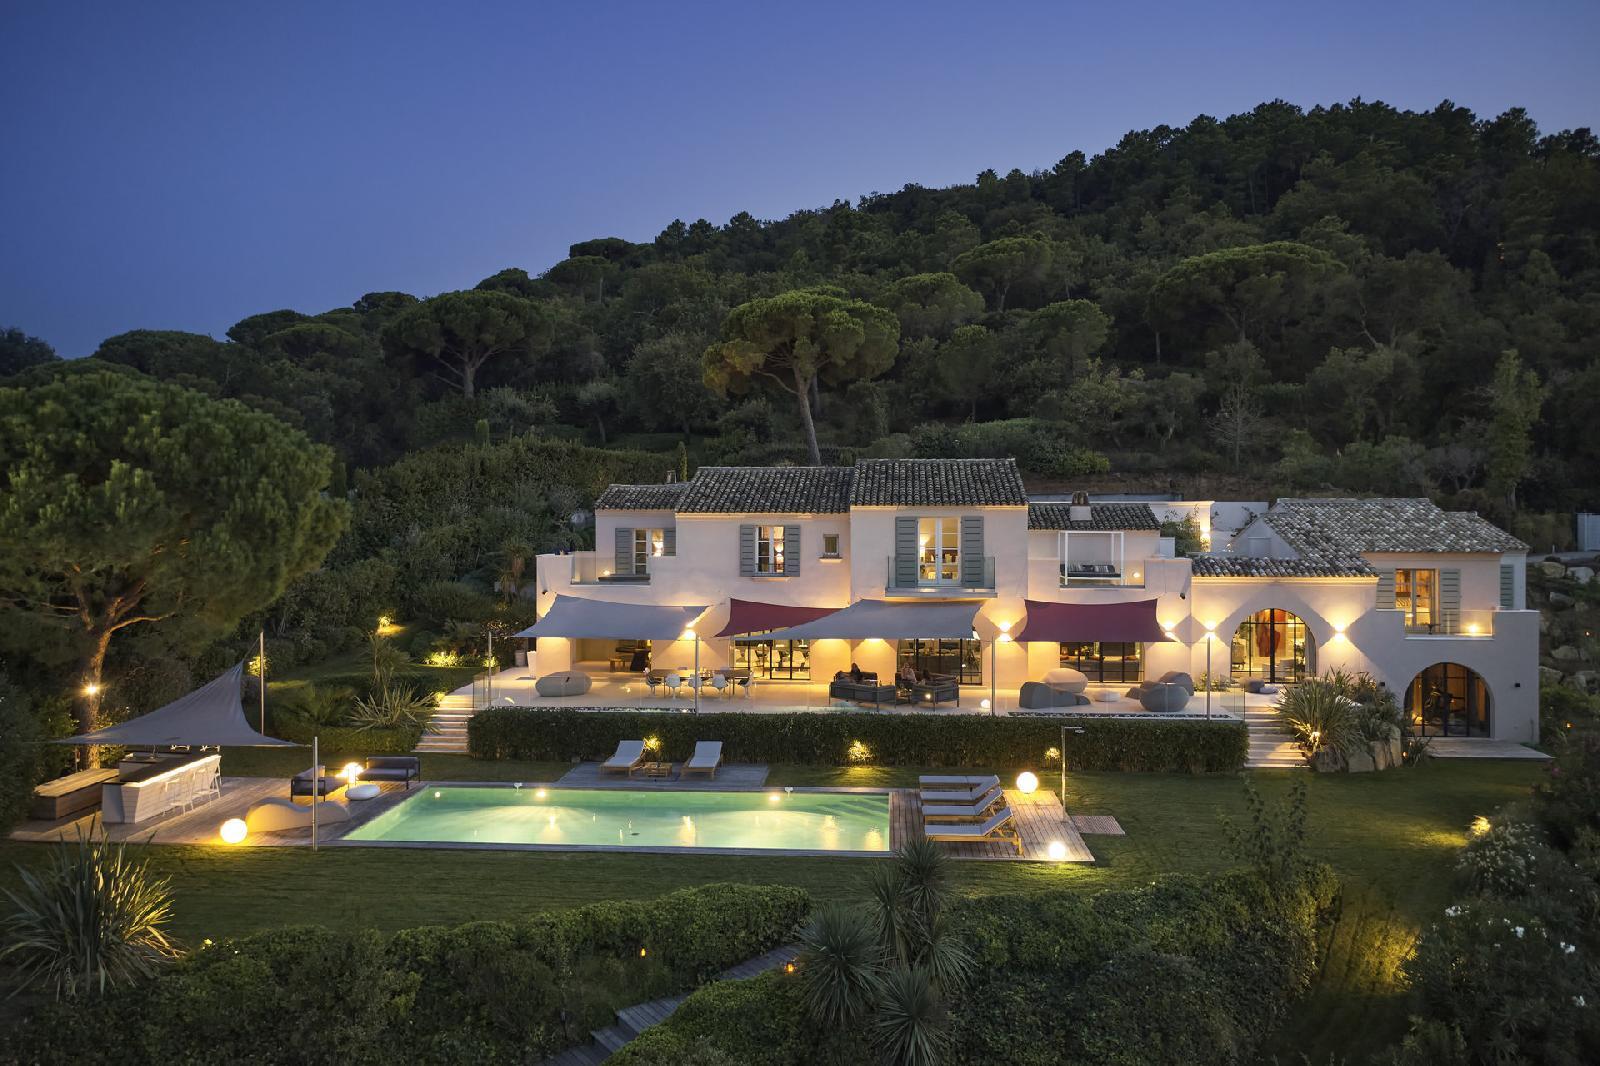 Les Marres – St Tropez – Cote d'Azur